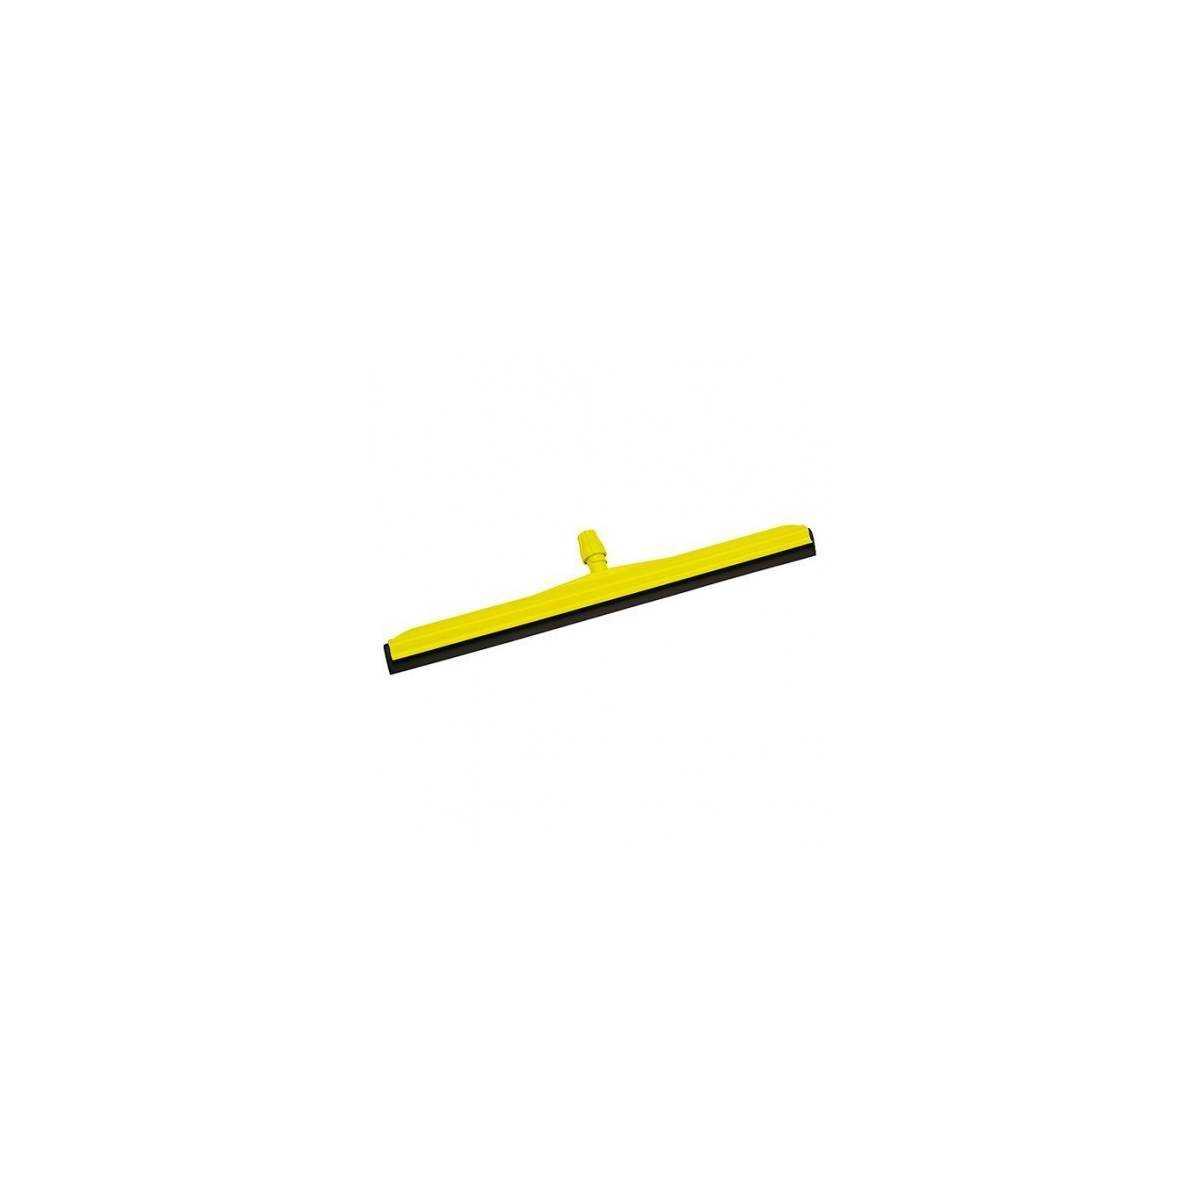 Скребок для сгона воды с пола полипропиленовый 45см (Желтого цвета) 00008676 TTS